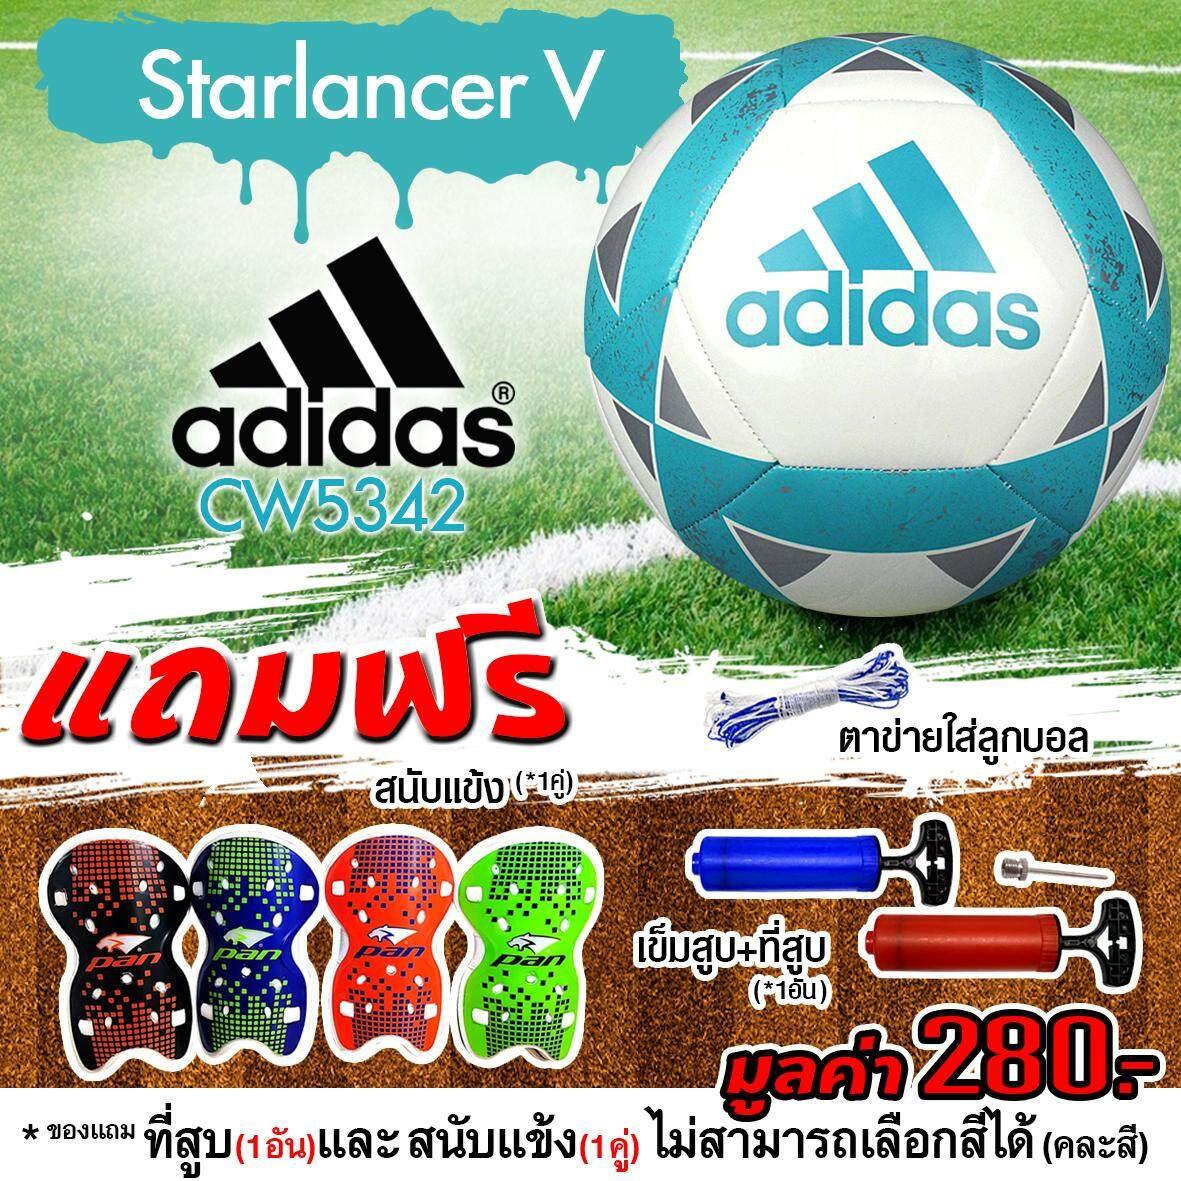 การใช้งาน  นครสวรรค์ Adidas ฟุตบอล หนัง อดิดาส Football Starlancer V CW5342 (500) แถมฟรี ตาข่ายใส่ลูกฟุตบอล + เข็มสูบสูบลม + สูบมือ HP-04 + สนับแข้ง Shin Guard Pan PSS025(280)